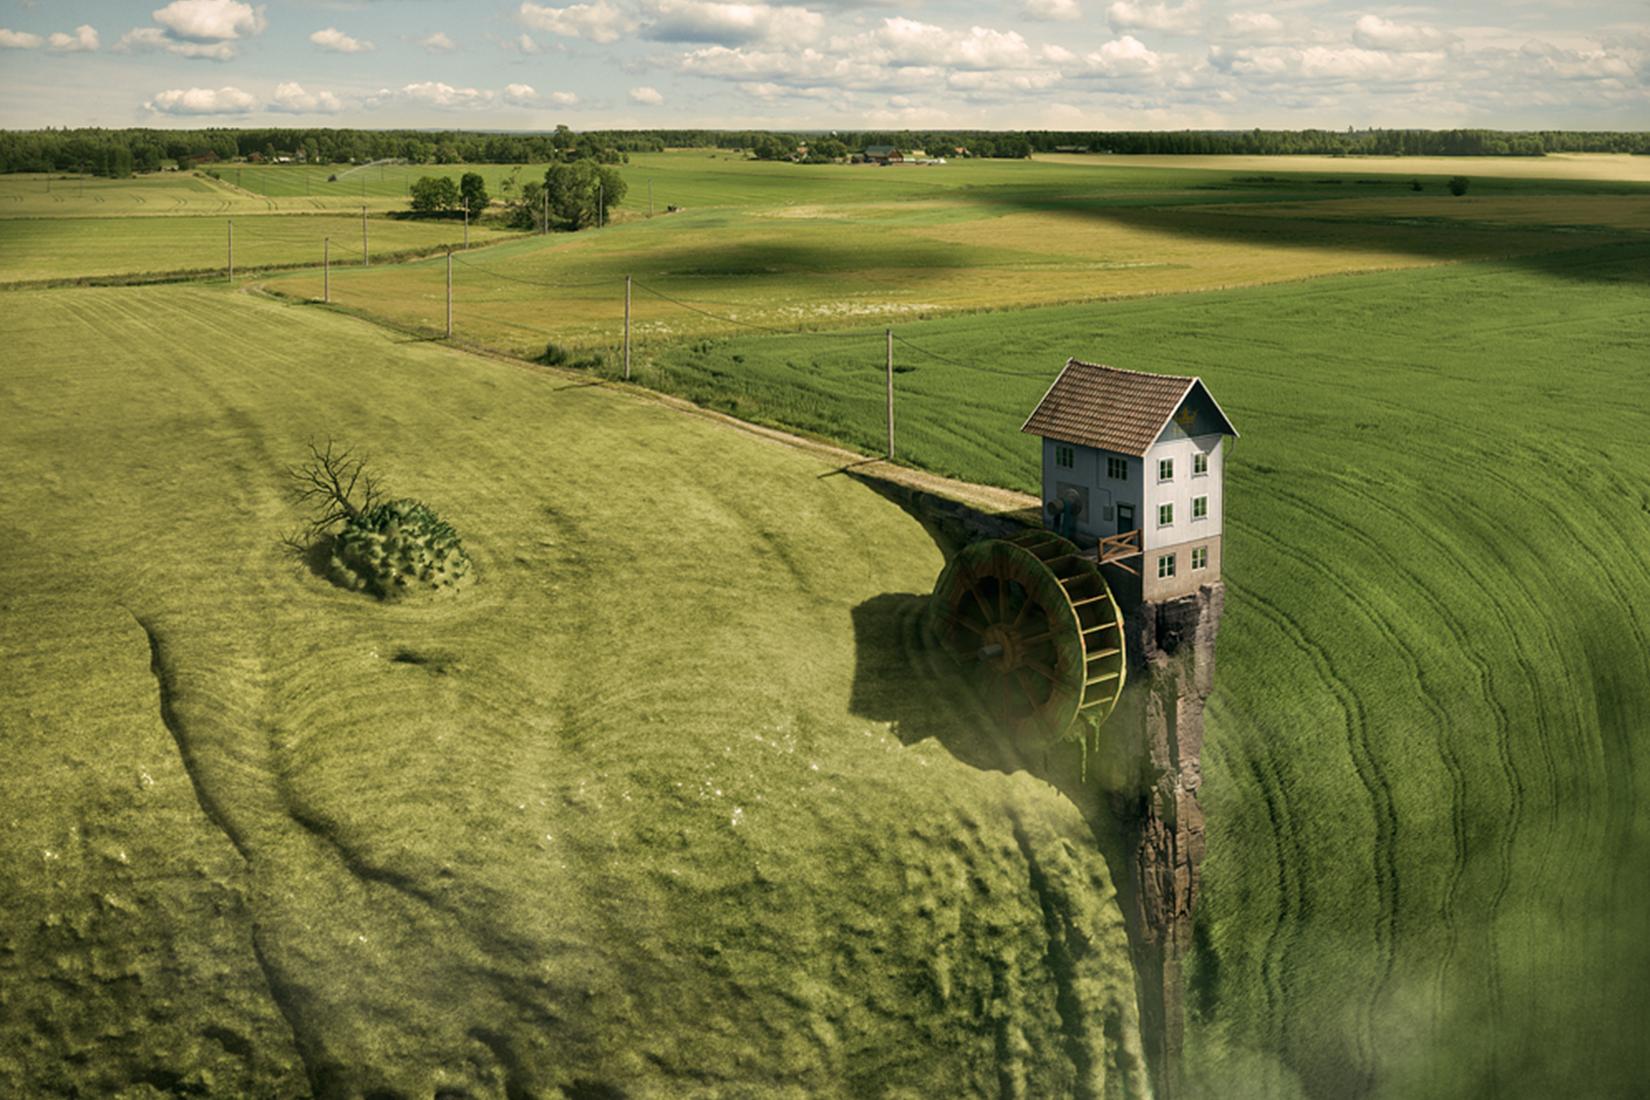 image vue du ciel d'une maison dans une prairie, mais la prairie commence à couler comme une cascade vers le vide